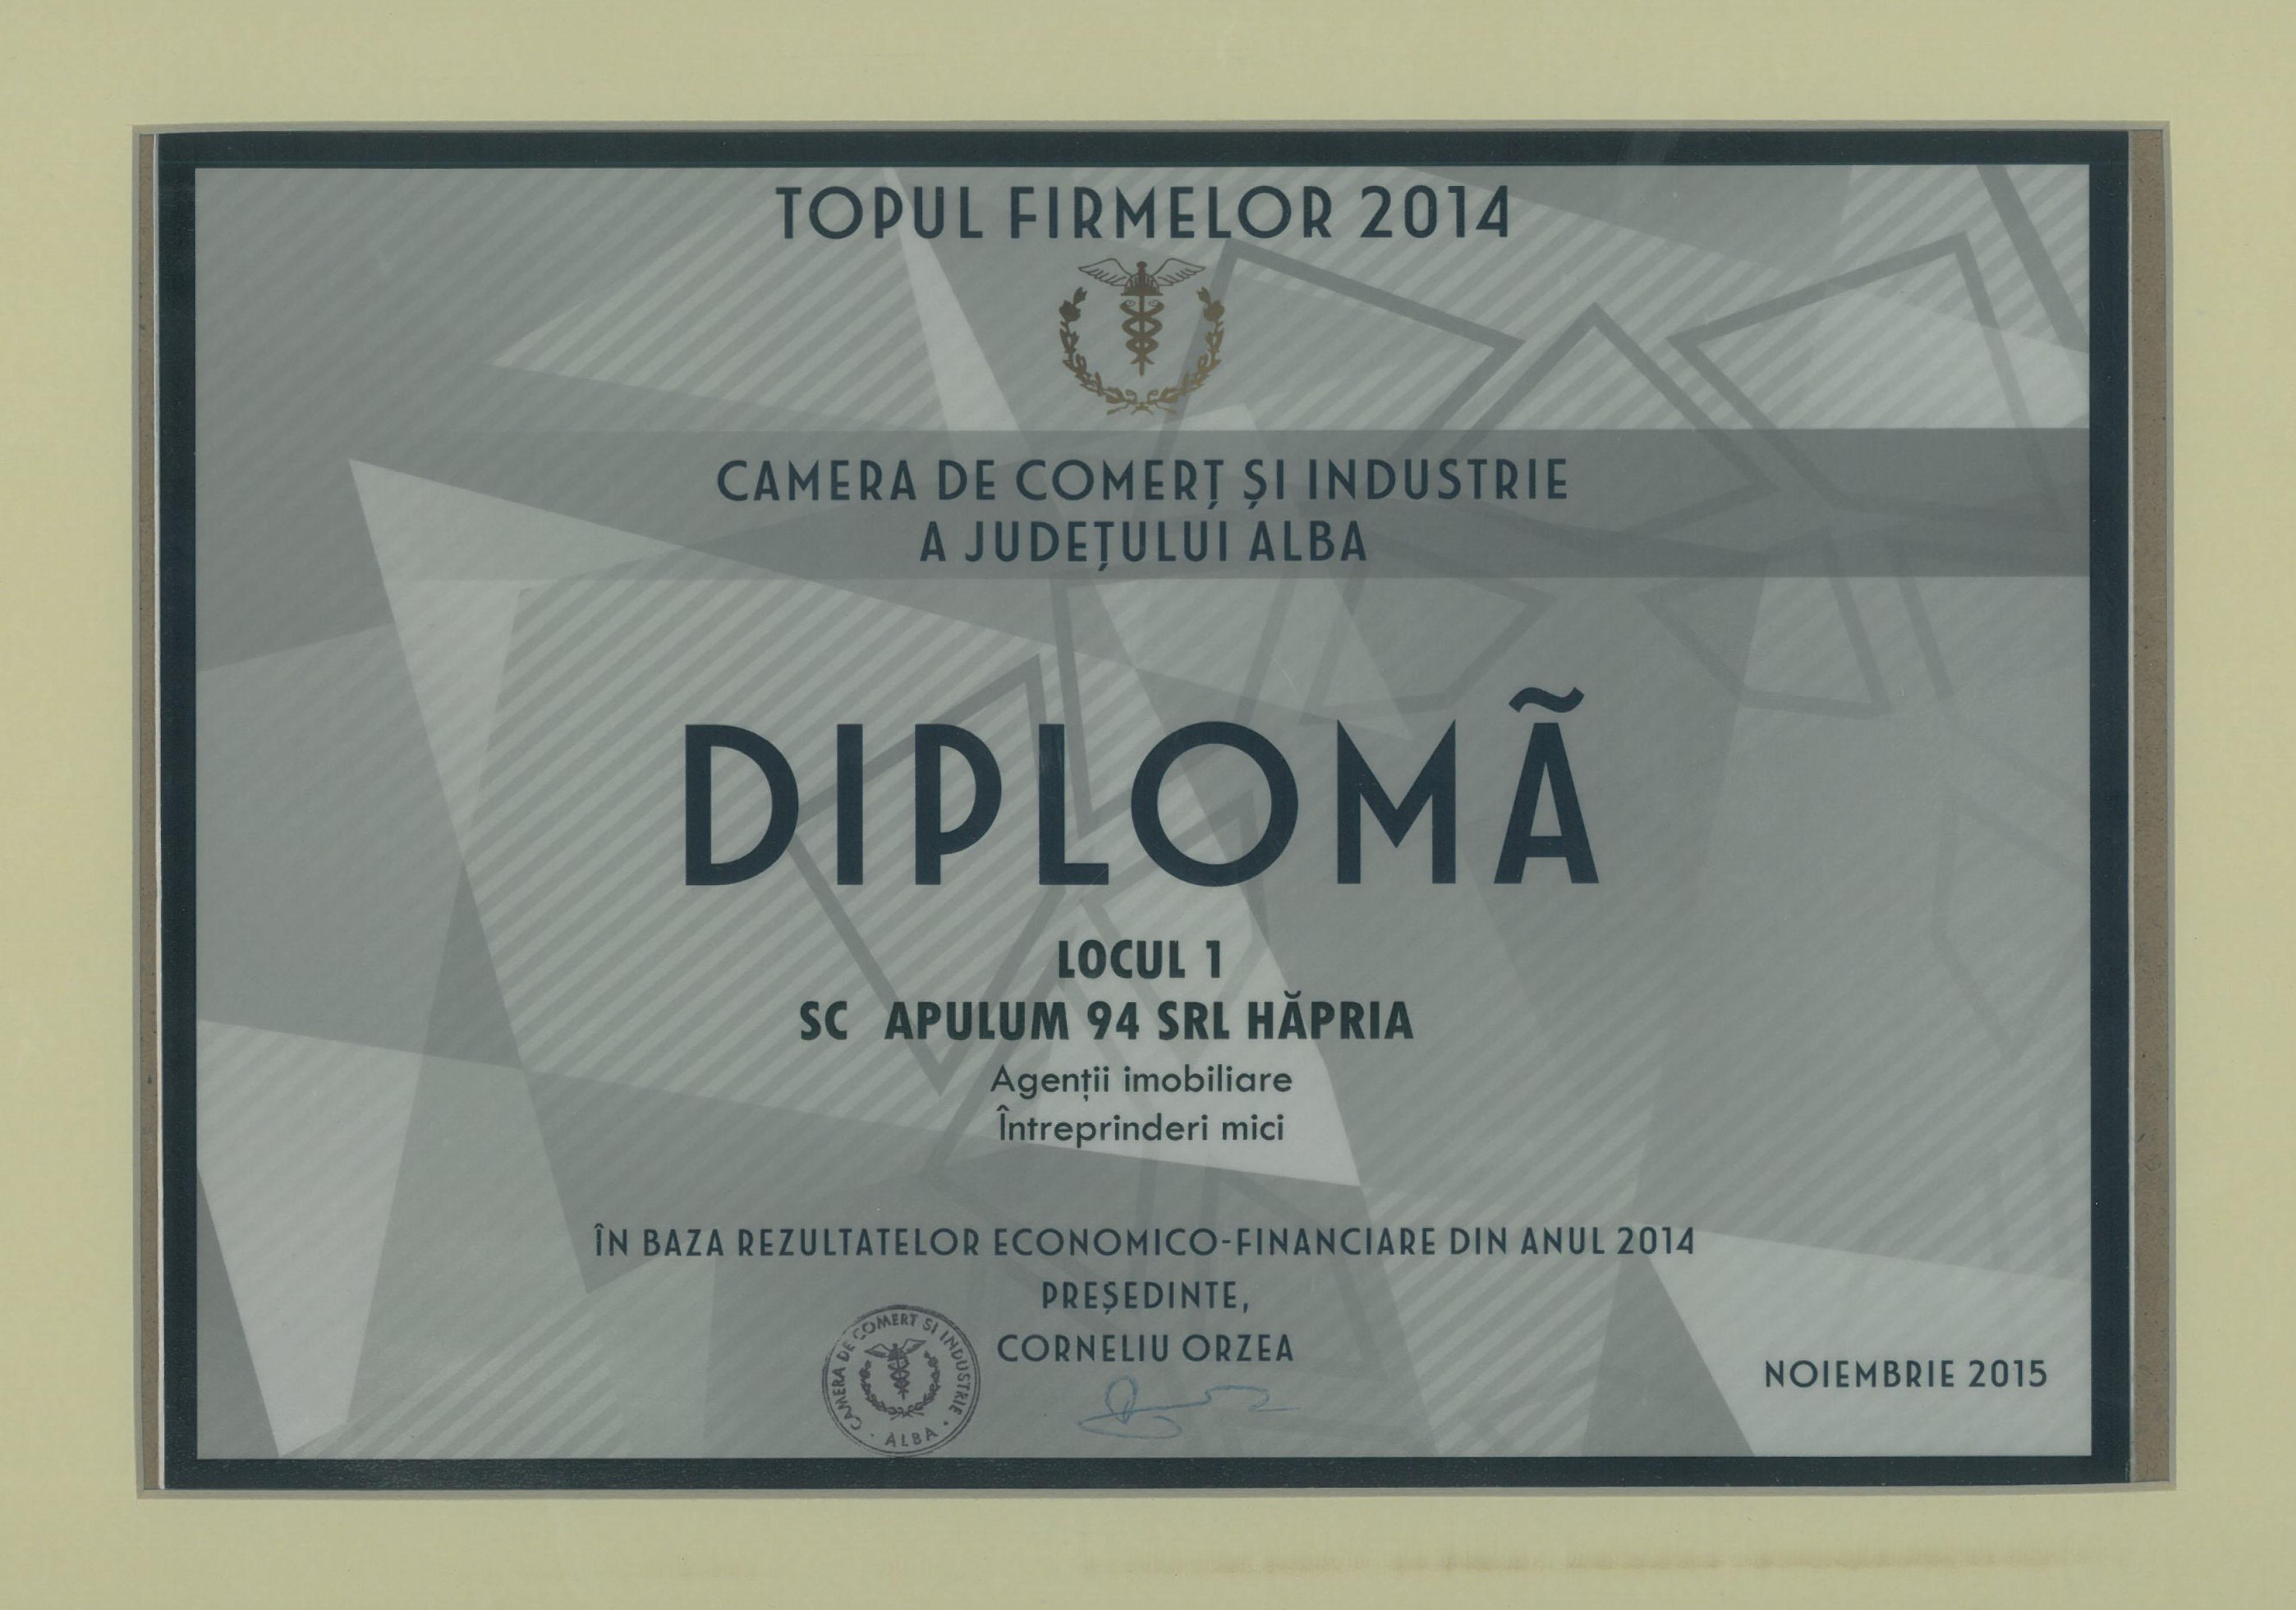 Top pentru Romania Intreprinderi Mici - 2015